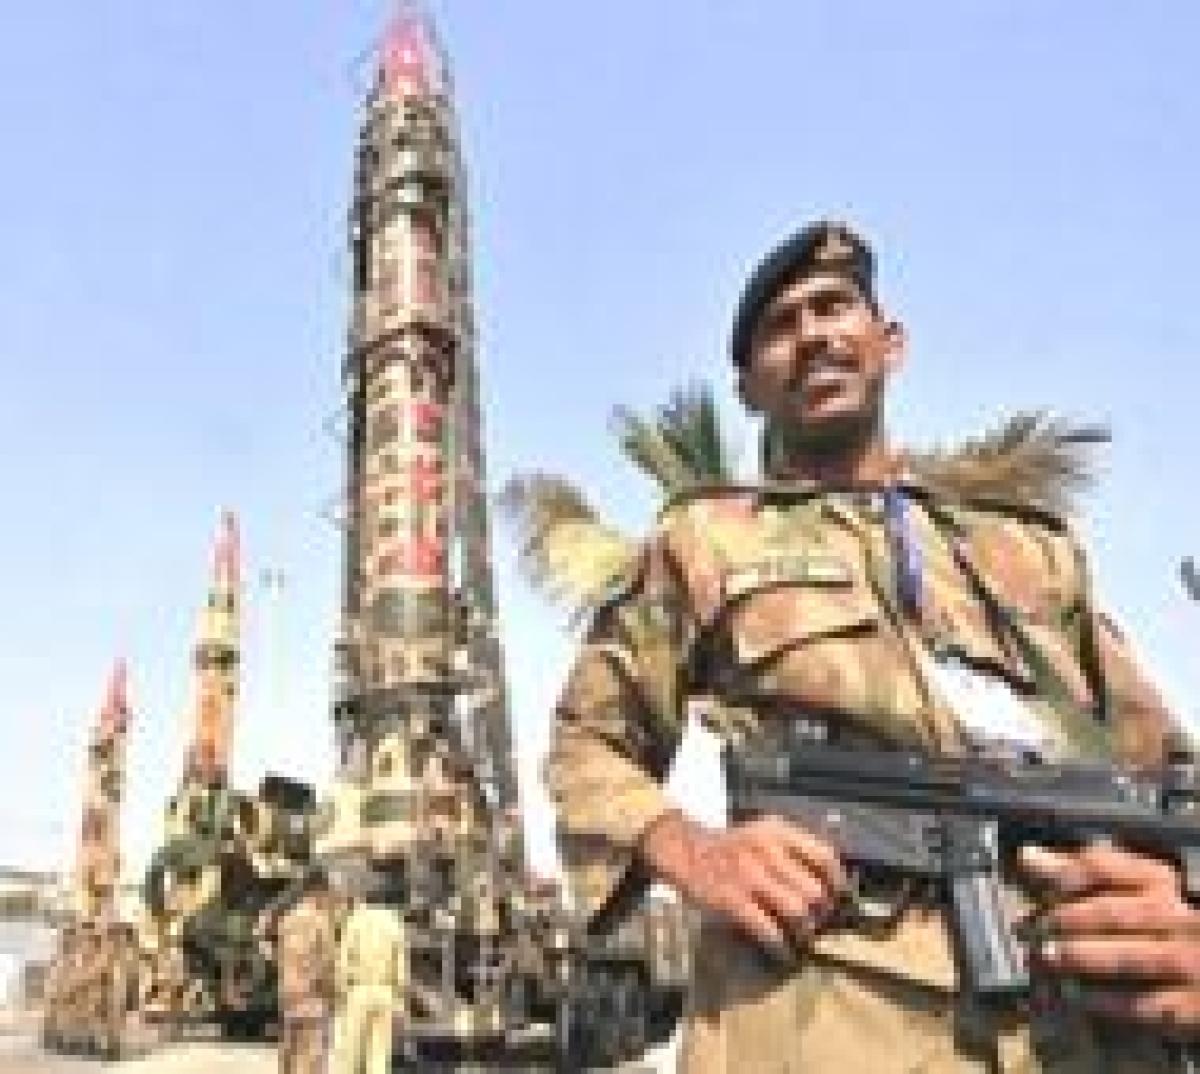 Pakistan has more nukes than India: SIPRI